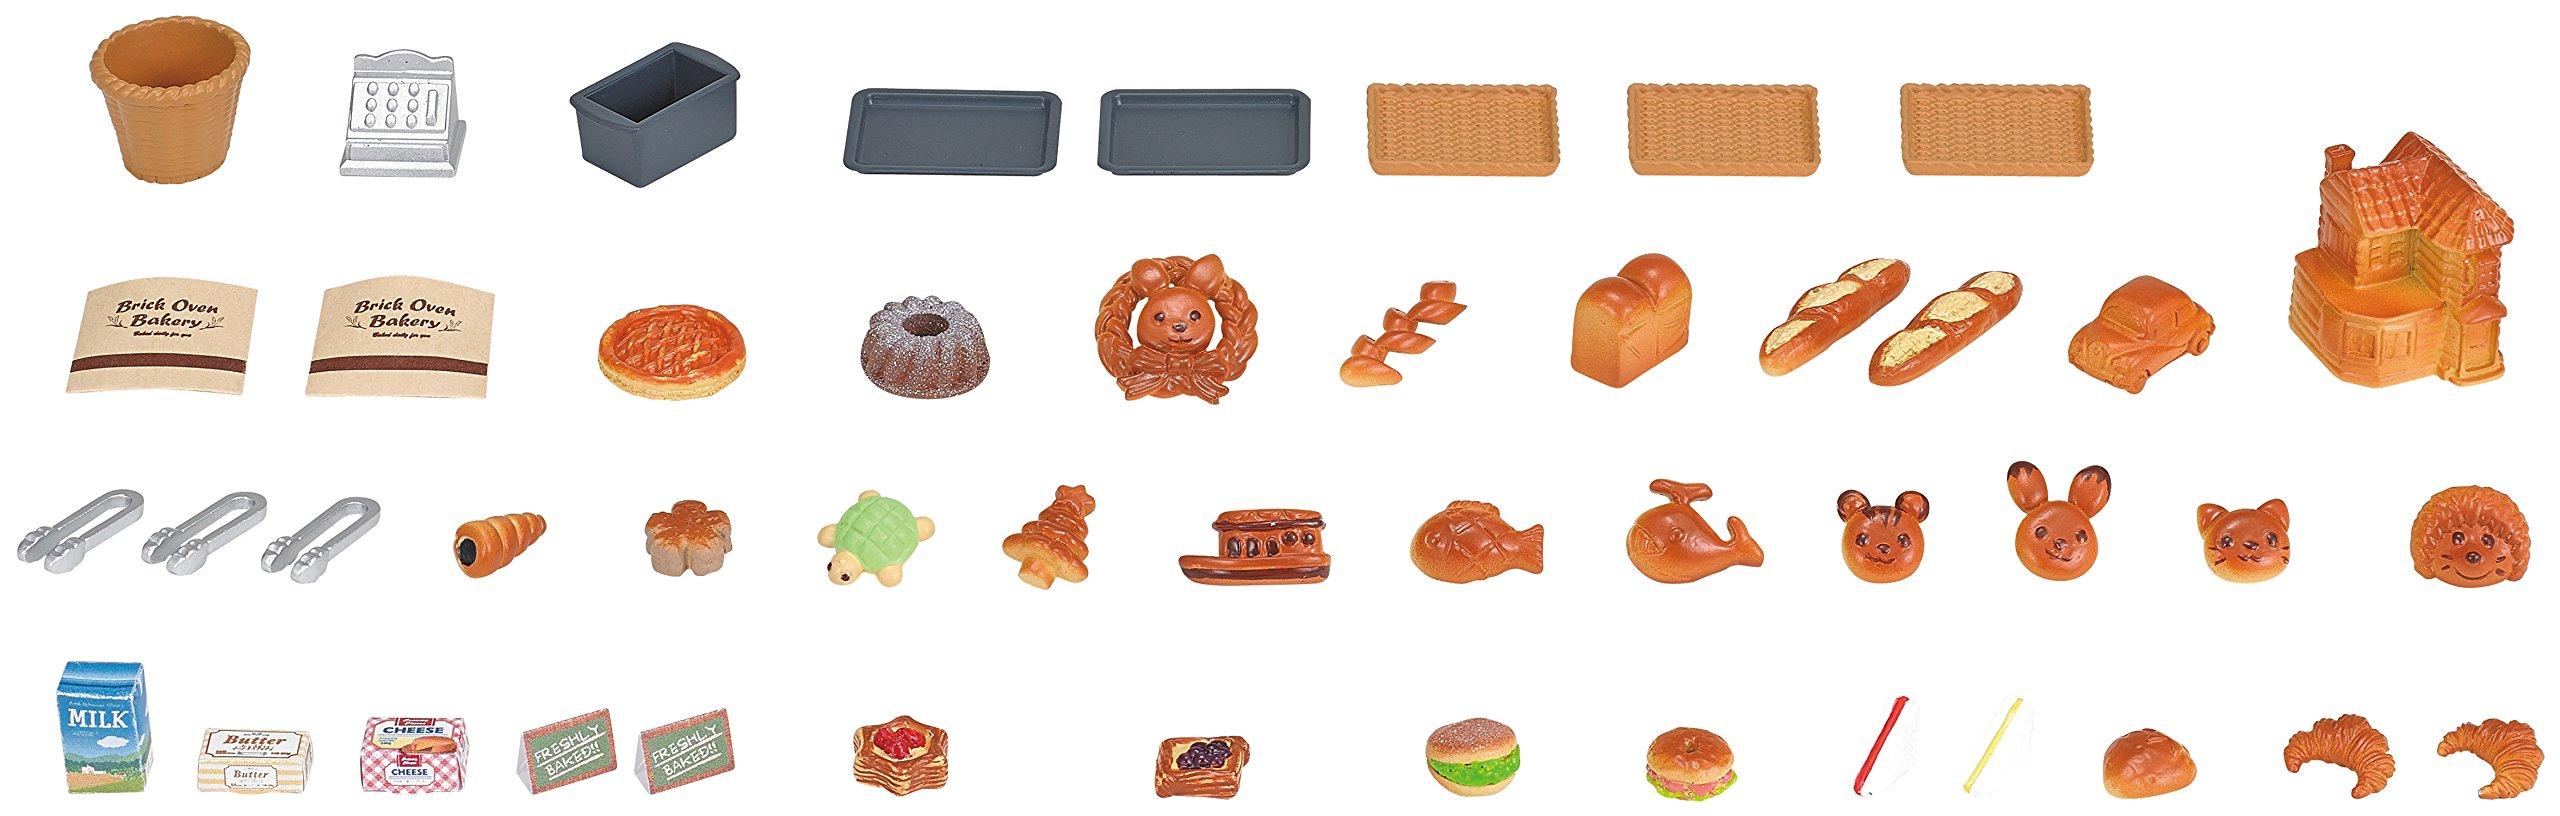 Juego de panadería para horno de ladrillos Sylvanian Families, multicolor